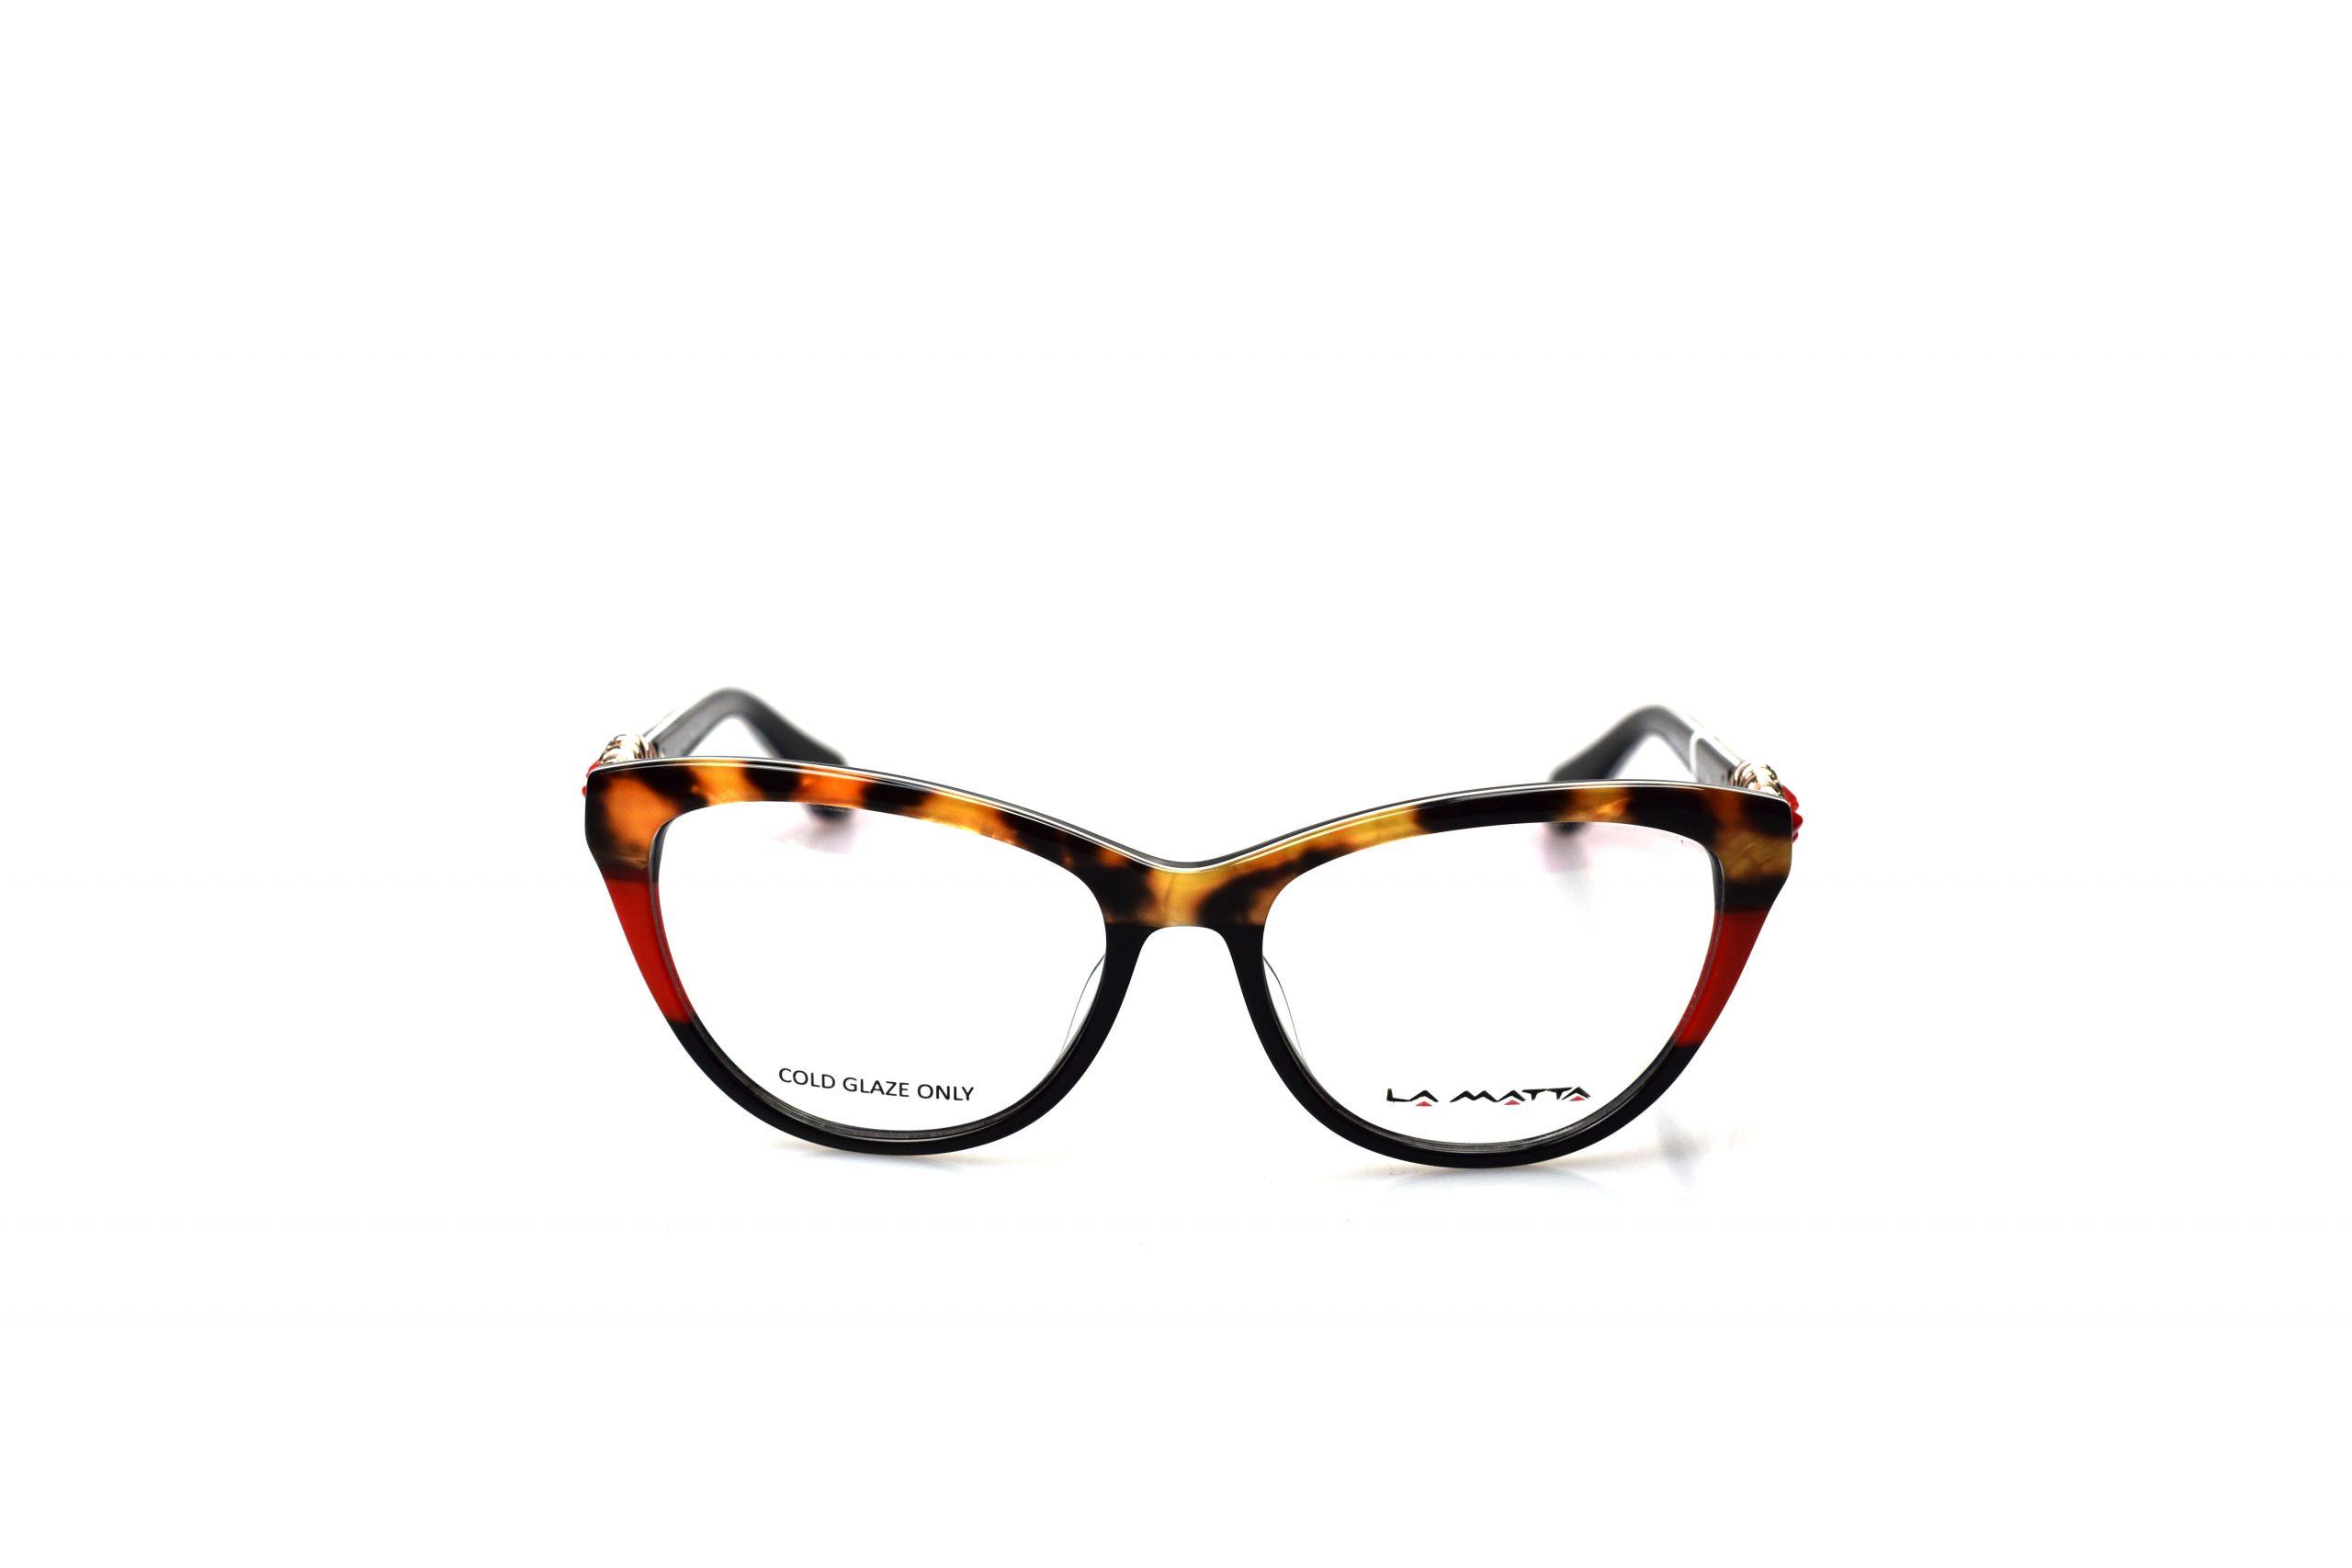 ochelari de vedere LA MATTA 3259-C1